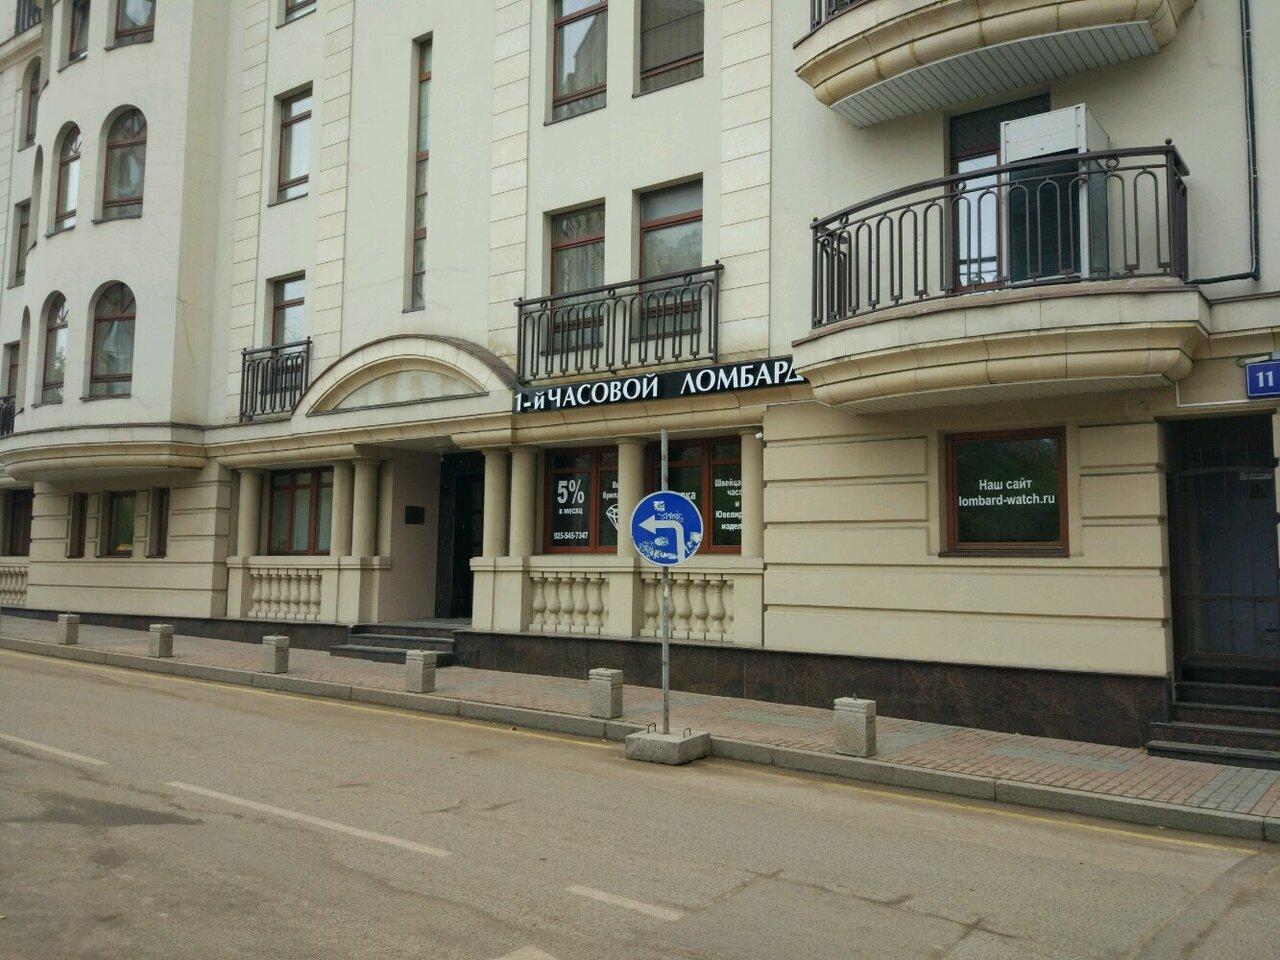 Ростовский переулок часов ломбард санкт-петербург часовые ломбарды